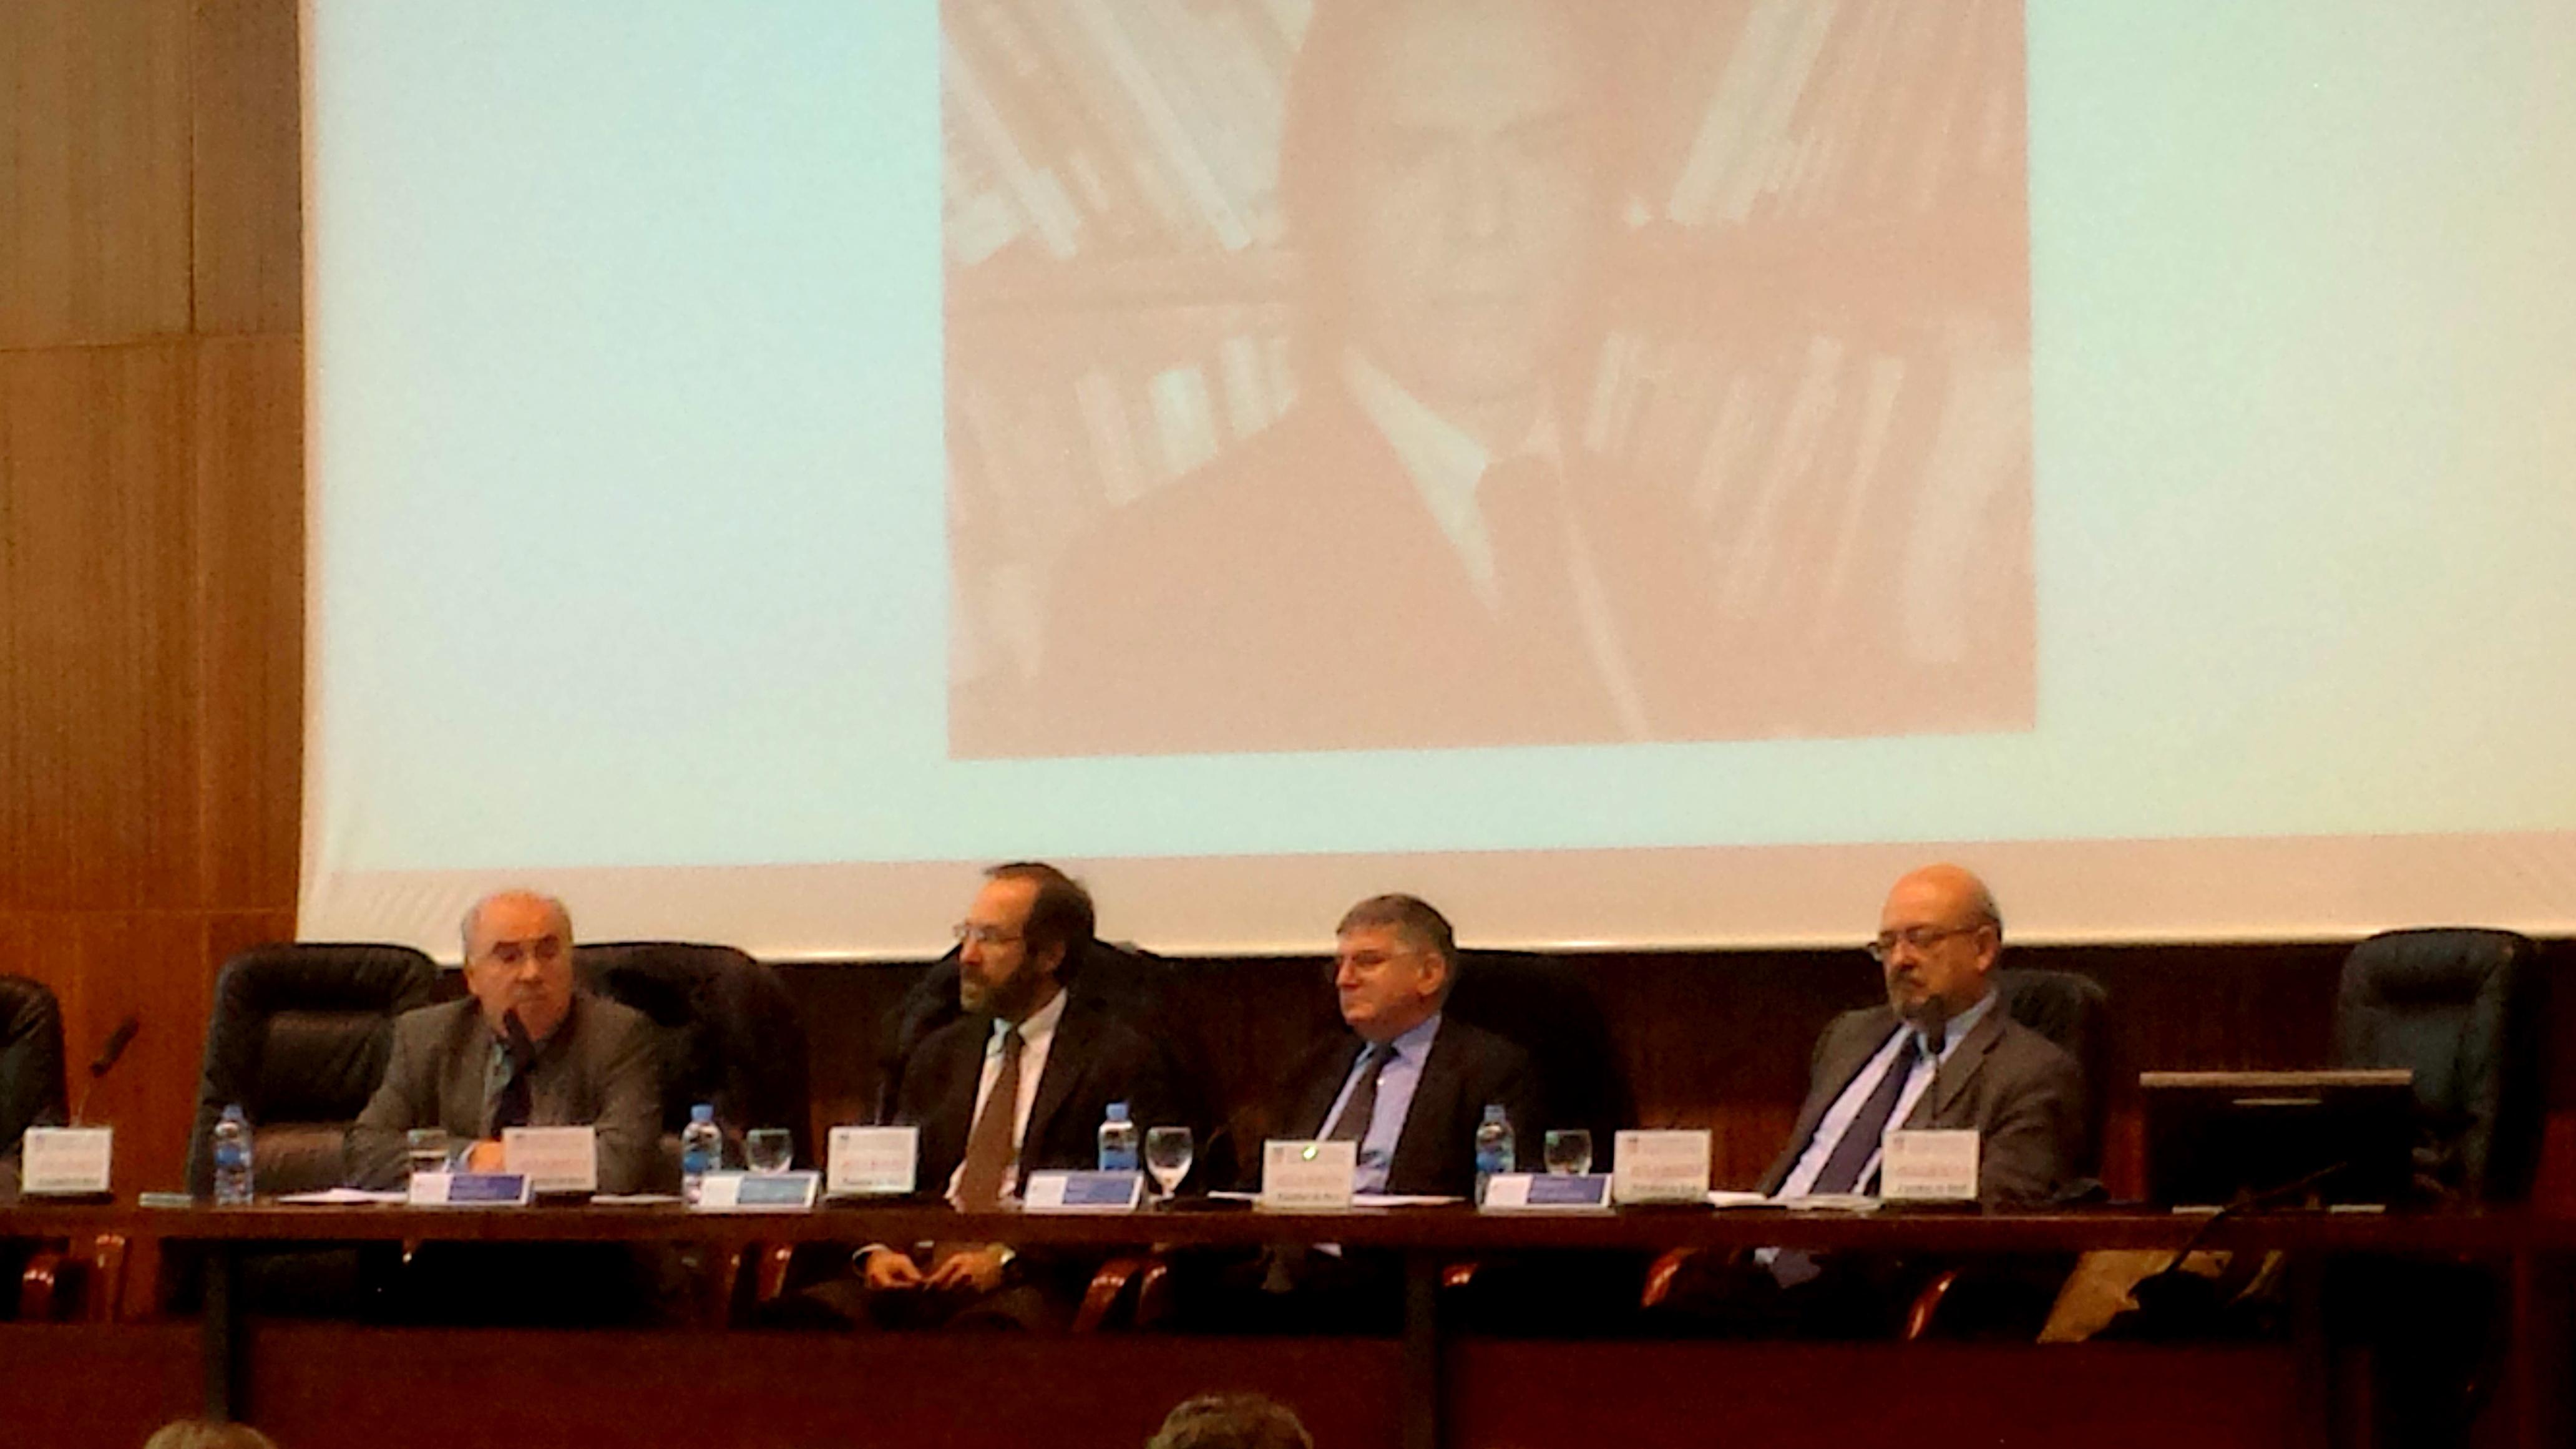 mesa redonda compuesta por los Profs. Dres. Martínez-Buján, Cardenal Montraveta (moderador), ambos socios de la FICP, y por los Profs. Dres. Sanz Morán* y Peñaranda Ramos*, patronos de la FICP